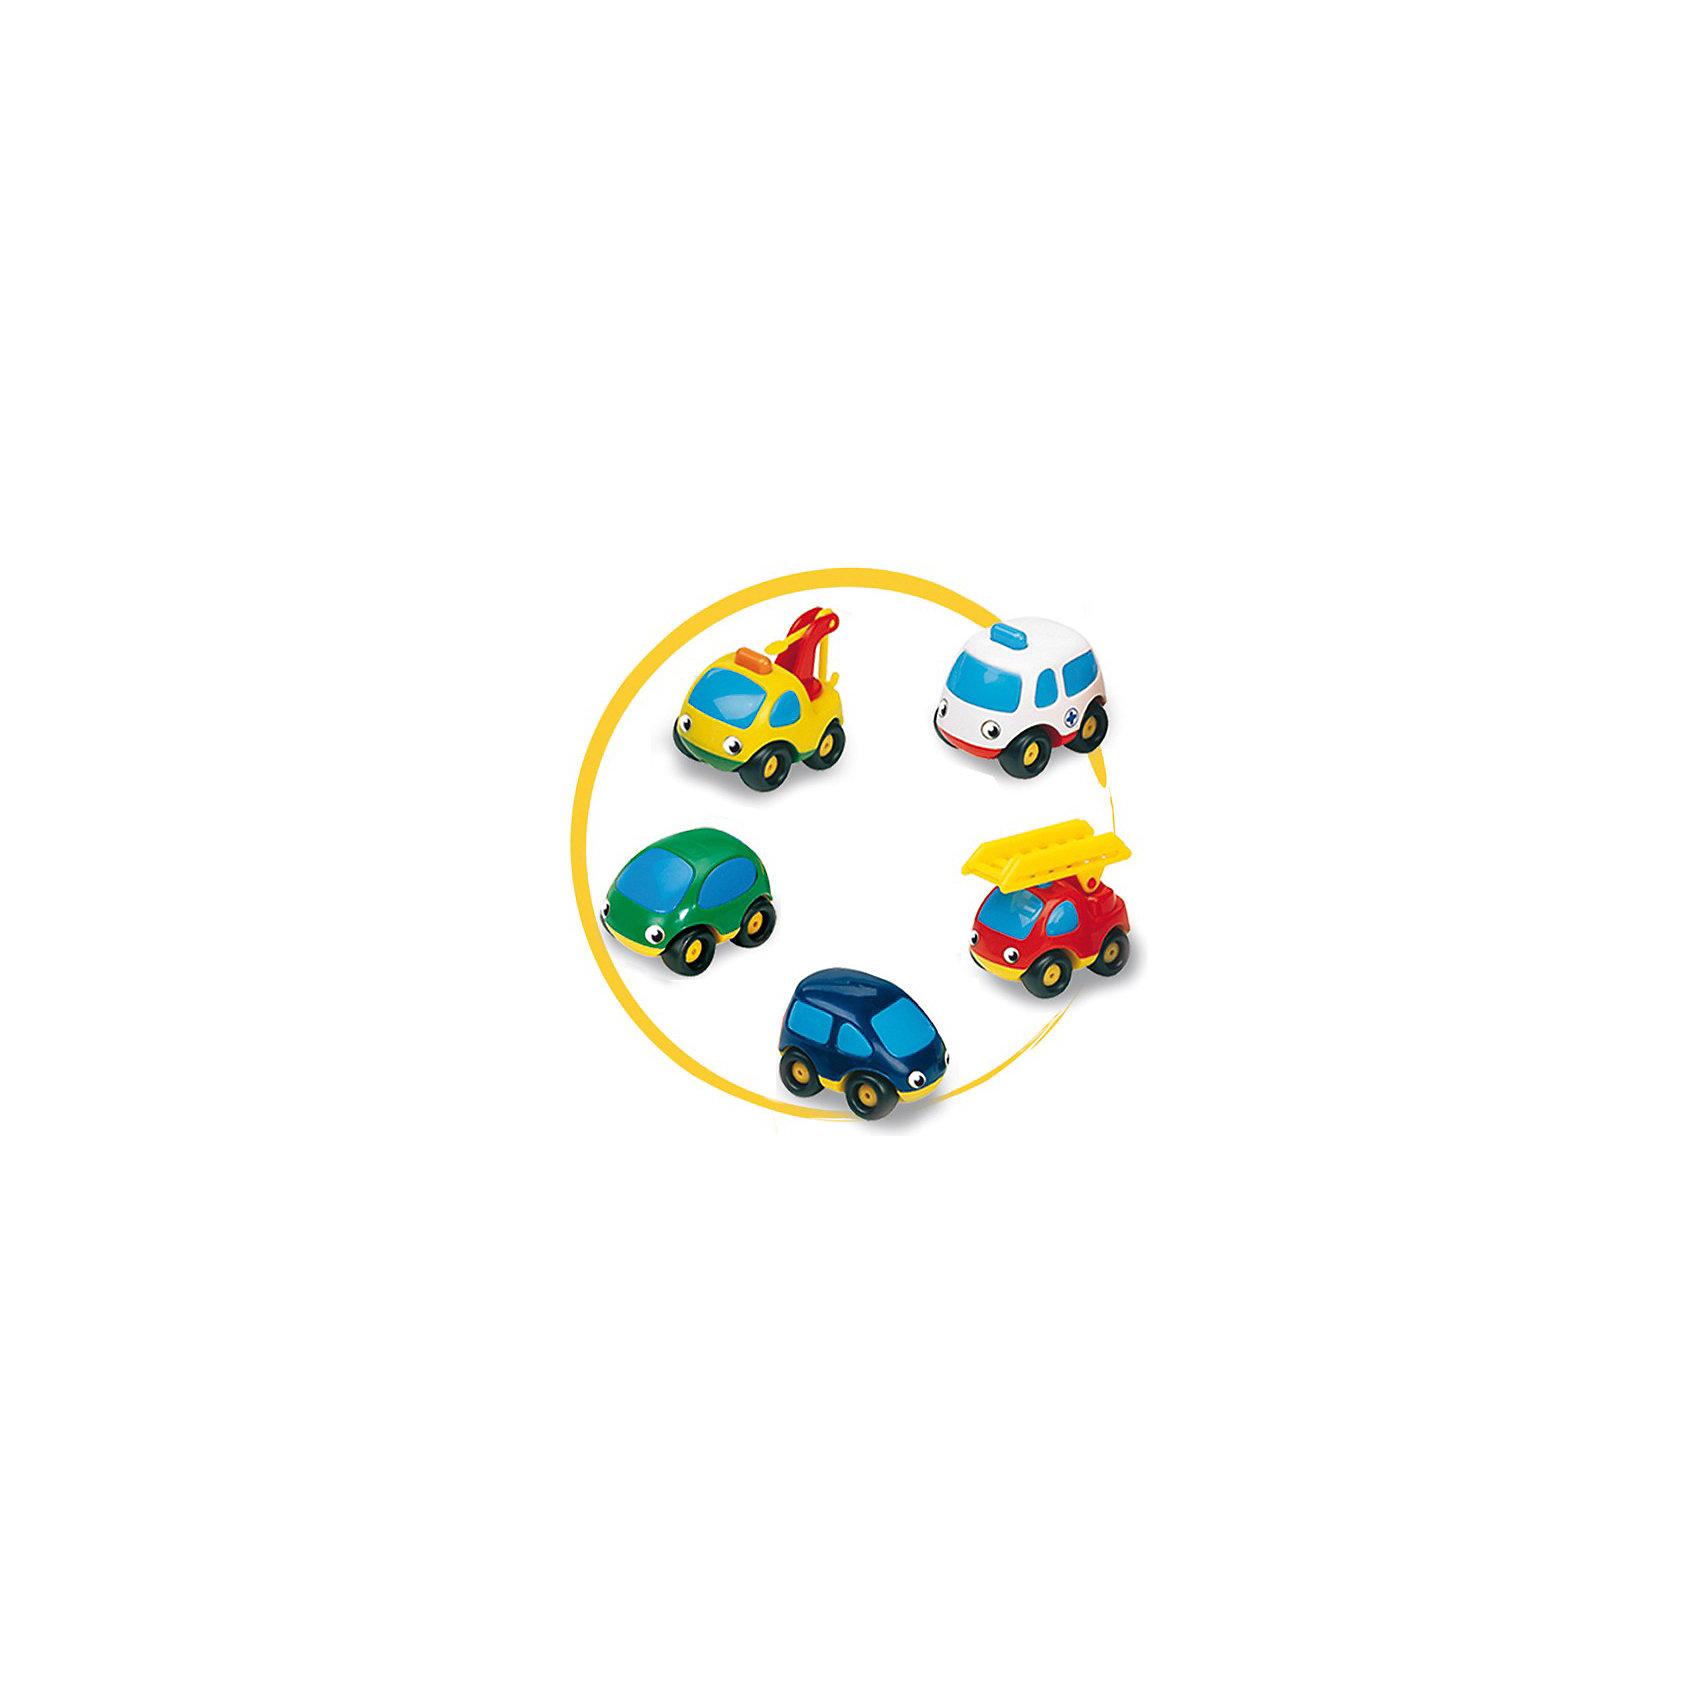 Набор из трех машинок Vroom Planet , SmobyЗабавные машинки серии Vroom Planet органично впишутся в автопарк вашего малыша. Набор из 3-х машинок Vroom Planet представлен машинами скорой помощи, пожарной , полицейской или синим минивэн, зеленым легковым автомобилем и желтым подъемным краном. Они привлекают внимание своей яркой окраской, приятной округлой формой, приветливыми и веселыми глазками-фарами на лобовом стекле. В ассортименте 2 комплекта, отличающихся разновидностями машинок.<br> <br>Дополнительная информация:<br><br> - материал: пластик<br> - размер упаковки: <br> - длина 28,5 см.<br> - ширина 9,5 см.<br> - высота 9,5 см.<br> - вес упаковки: 0,28 кг.<br><br>ВНИМАНИЕ! Данный артикул имеется в наличии в разных вариантах исполнения. Заранее выбрать определенный вариант нельзя. При заказе нескольких наборов возможно получение одинаковых.<br><br>Набор из 3-х машинок Smoby можно купить в нашем интернет-магазине.<br><br>Ширина мм: 290<br>Глубина мм: 100<br>Высота мм: 100<br>Вес г: 262<br>Возраст от месяцев: 18<br>Возраст до месяцев: 48<br>Пол: Мужской<br>Возраст: Детский<br>SKU: 2149547